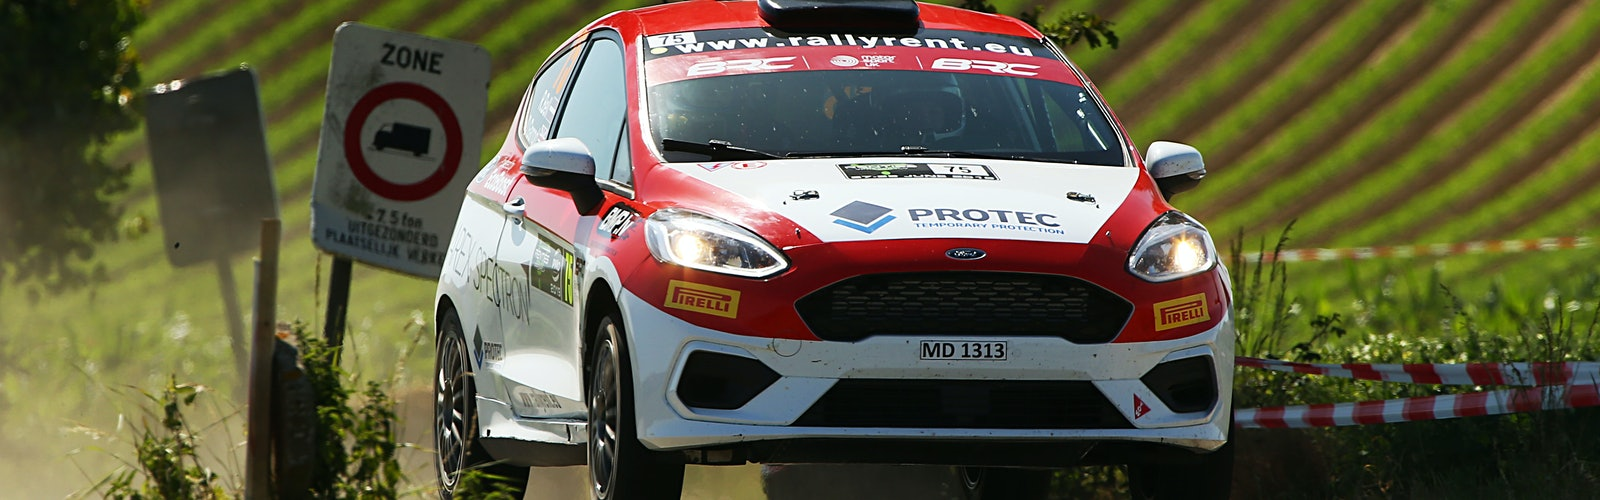 Ruairi Bell / Darren Garrod Ford Fiesta R2T